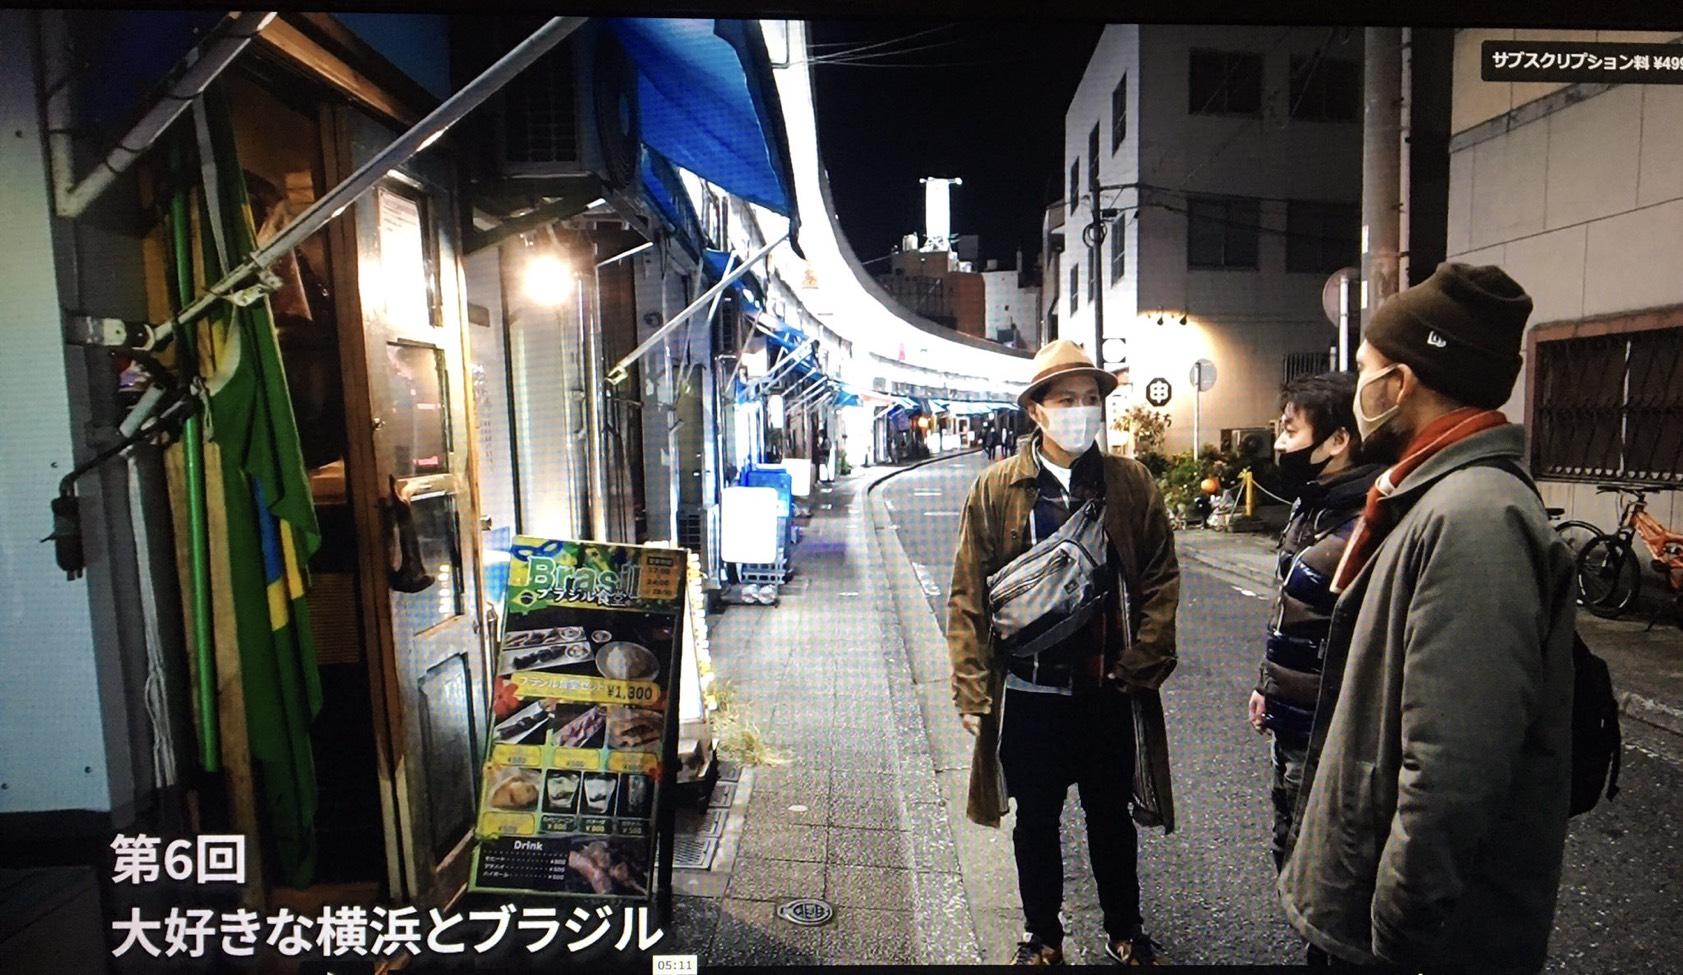 都橋商店街に嵐よういちさんと和田虫像さんをご案内した様子です